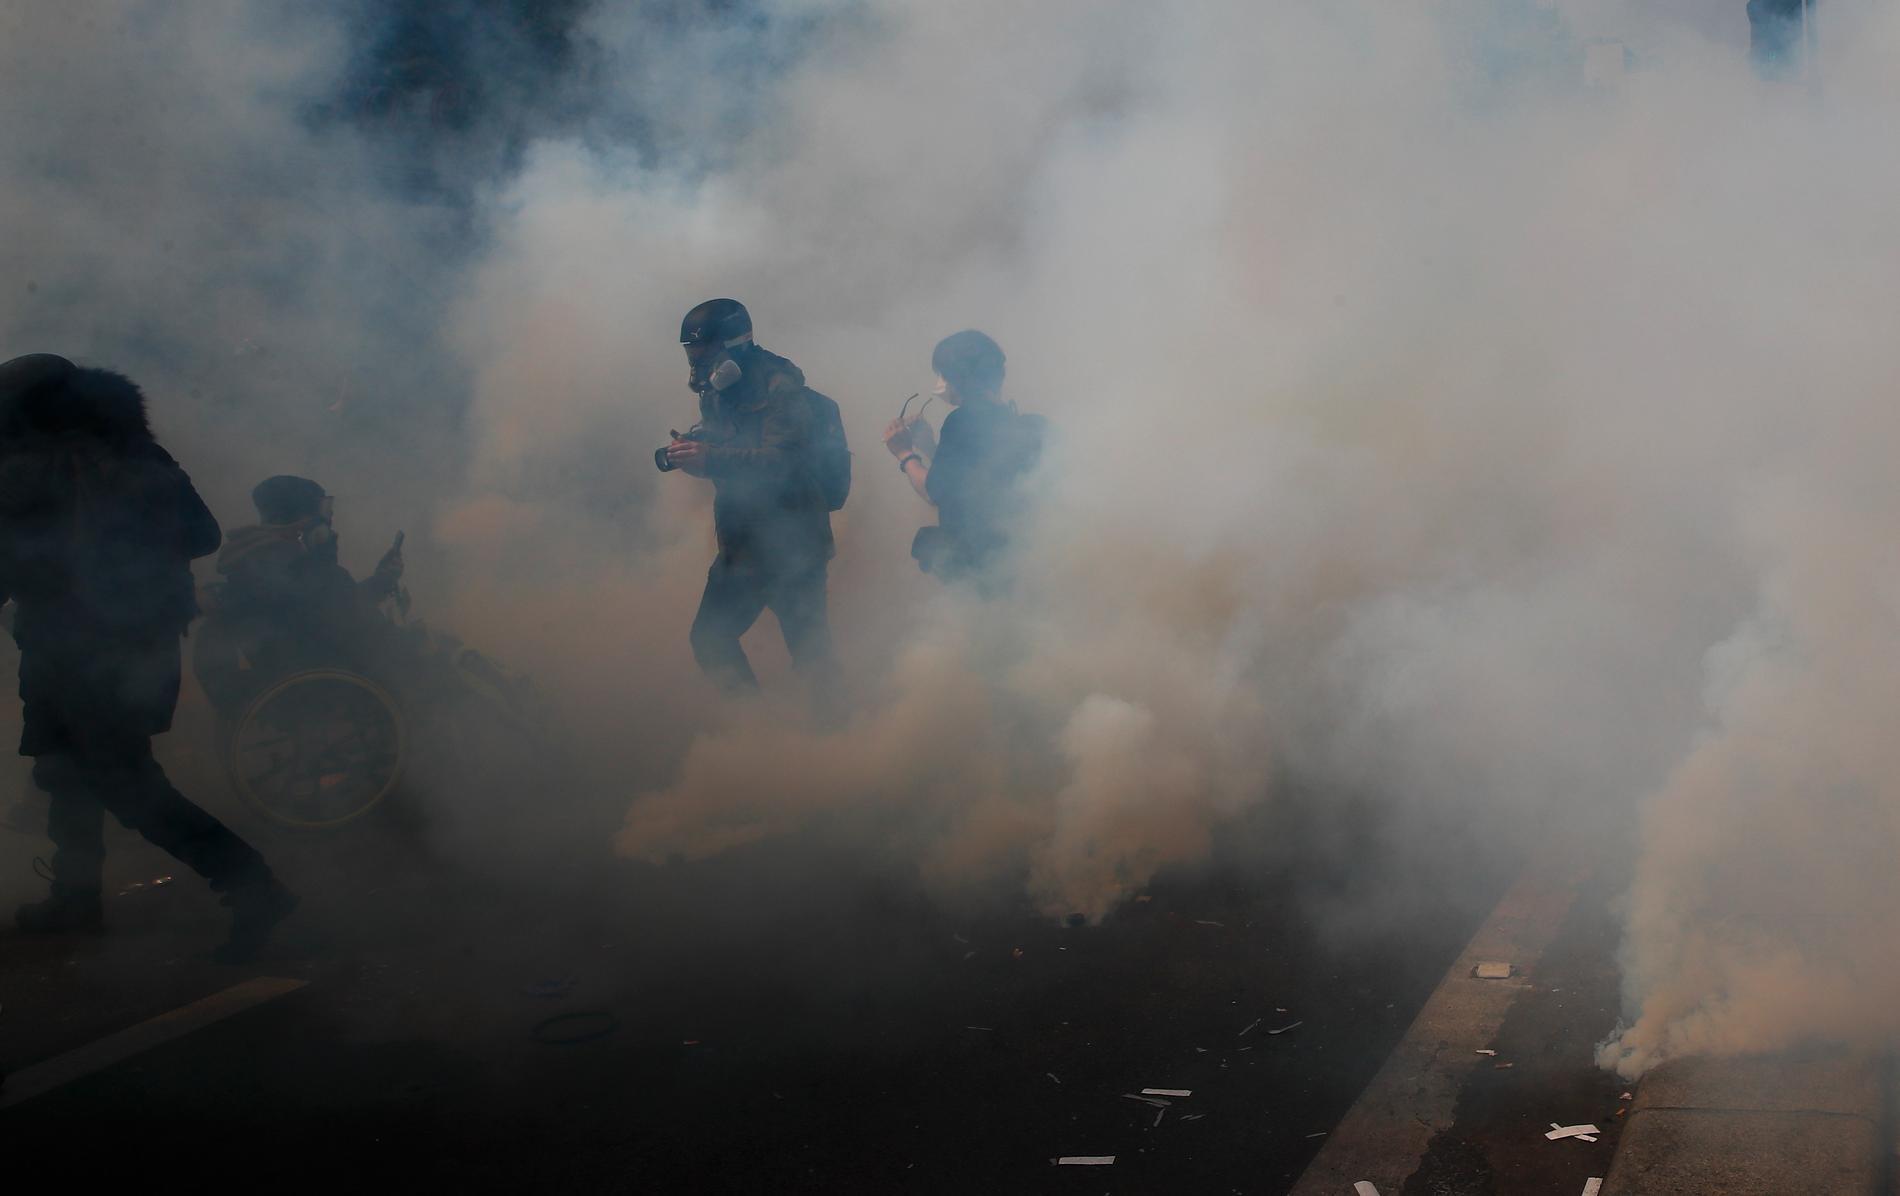 Demonstranter stormade ett sjukhus i Paris enligt den franska regeringen, men enligt proteströrelsen Gula västarna sökte de skydd från polisens tårgas. Arkivbild.